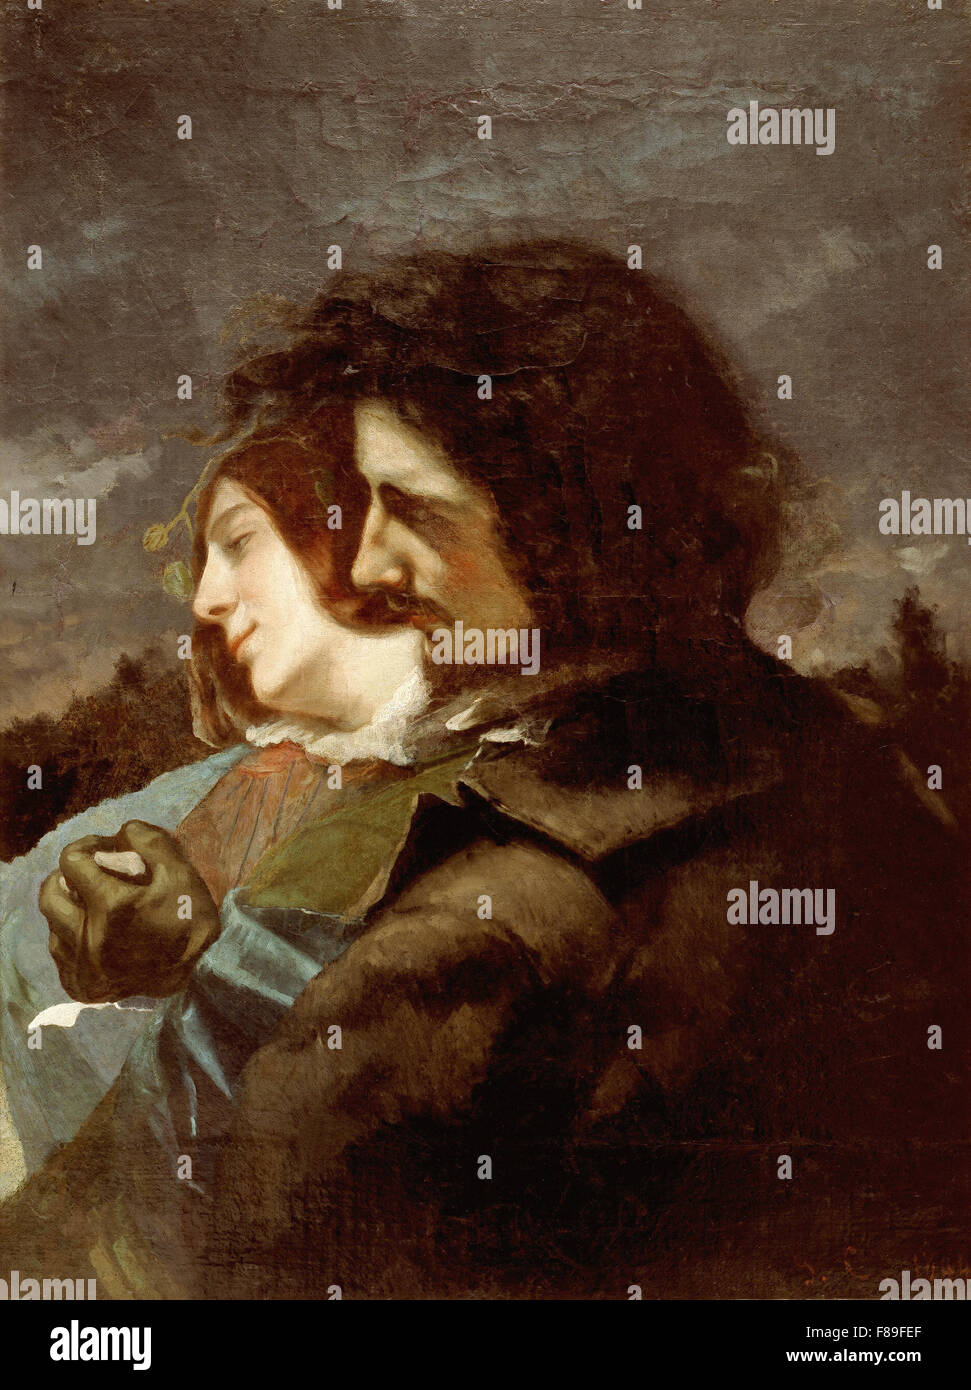 Gustave Courbet - per gli amanti del paese Immagini Stock